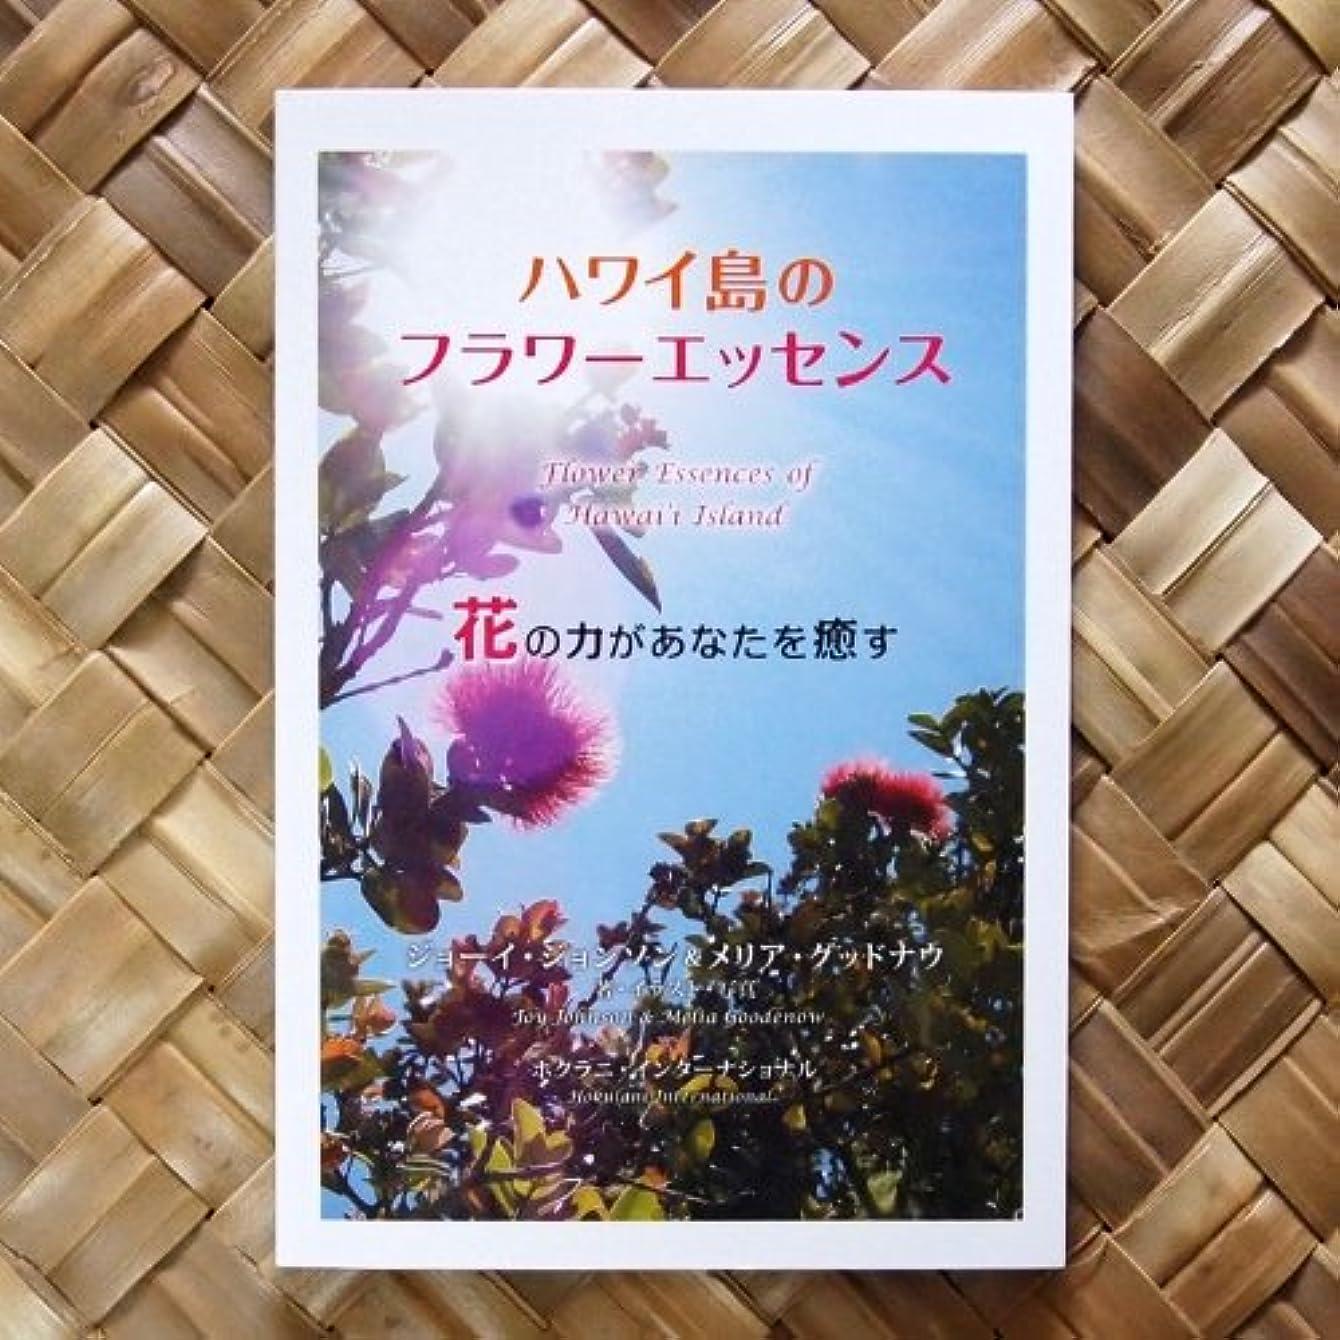 裏切り胚最小化するハワイ島のフラワーエッセンス 花の力があなたを癒す